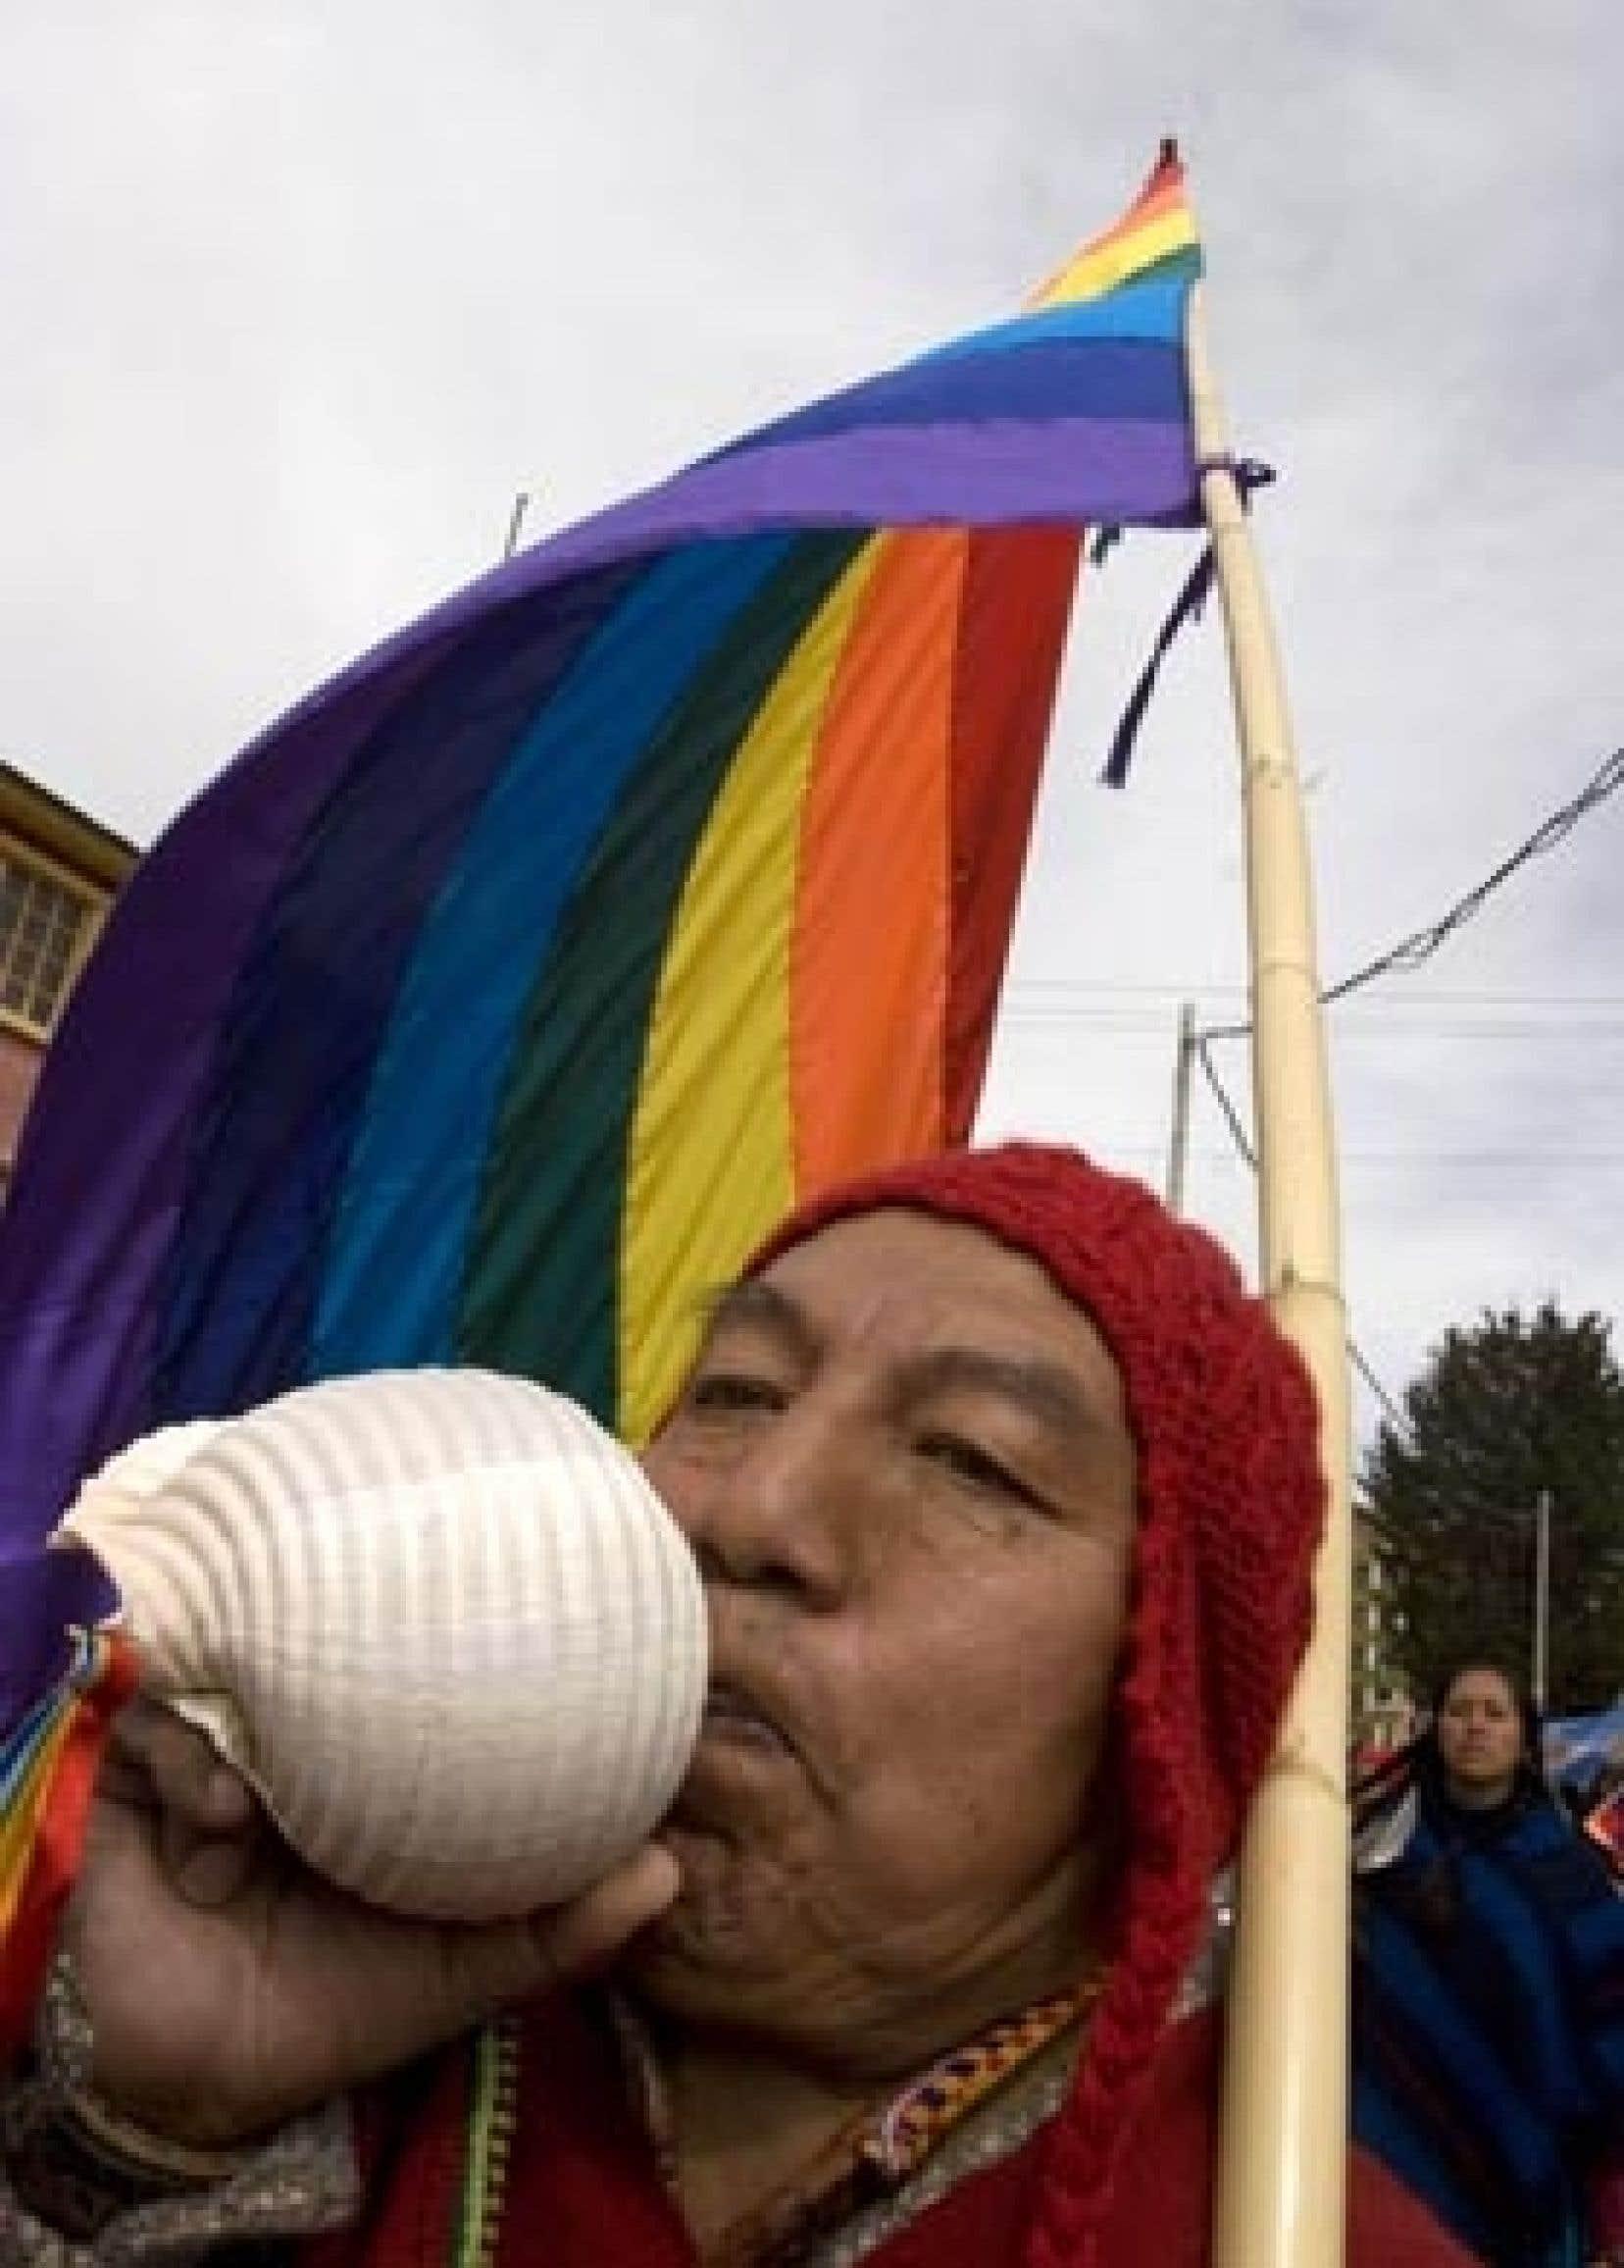 Un Indien Aymara a soufflé dans son putoto pour annoncer l'ouverture du sommet.